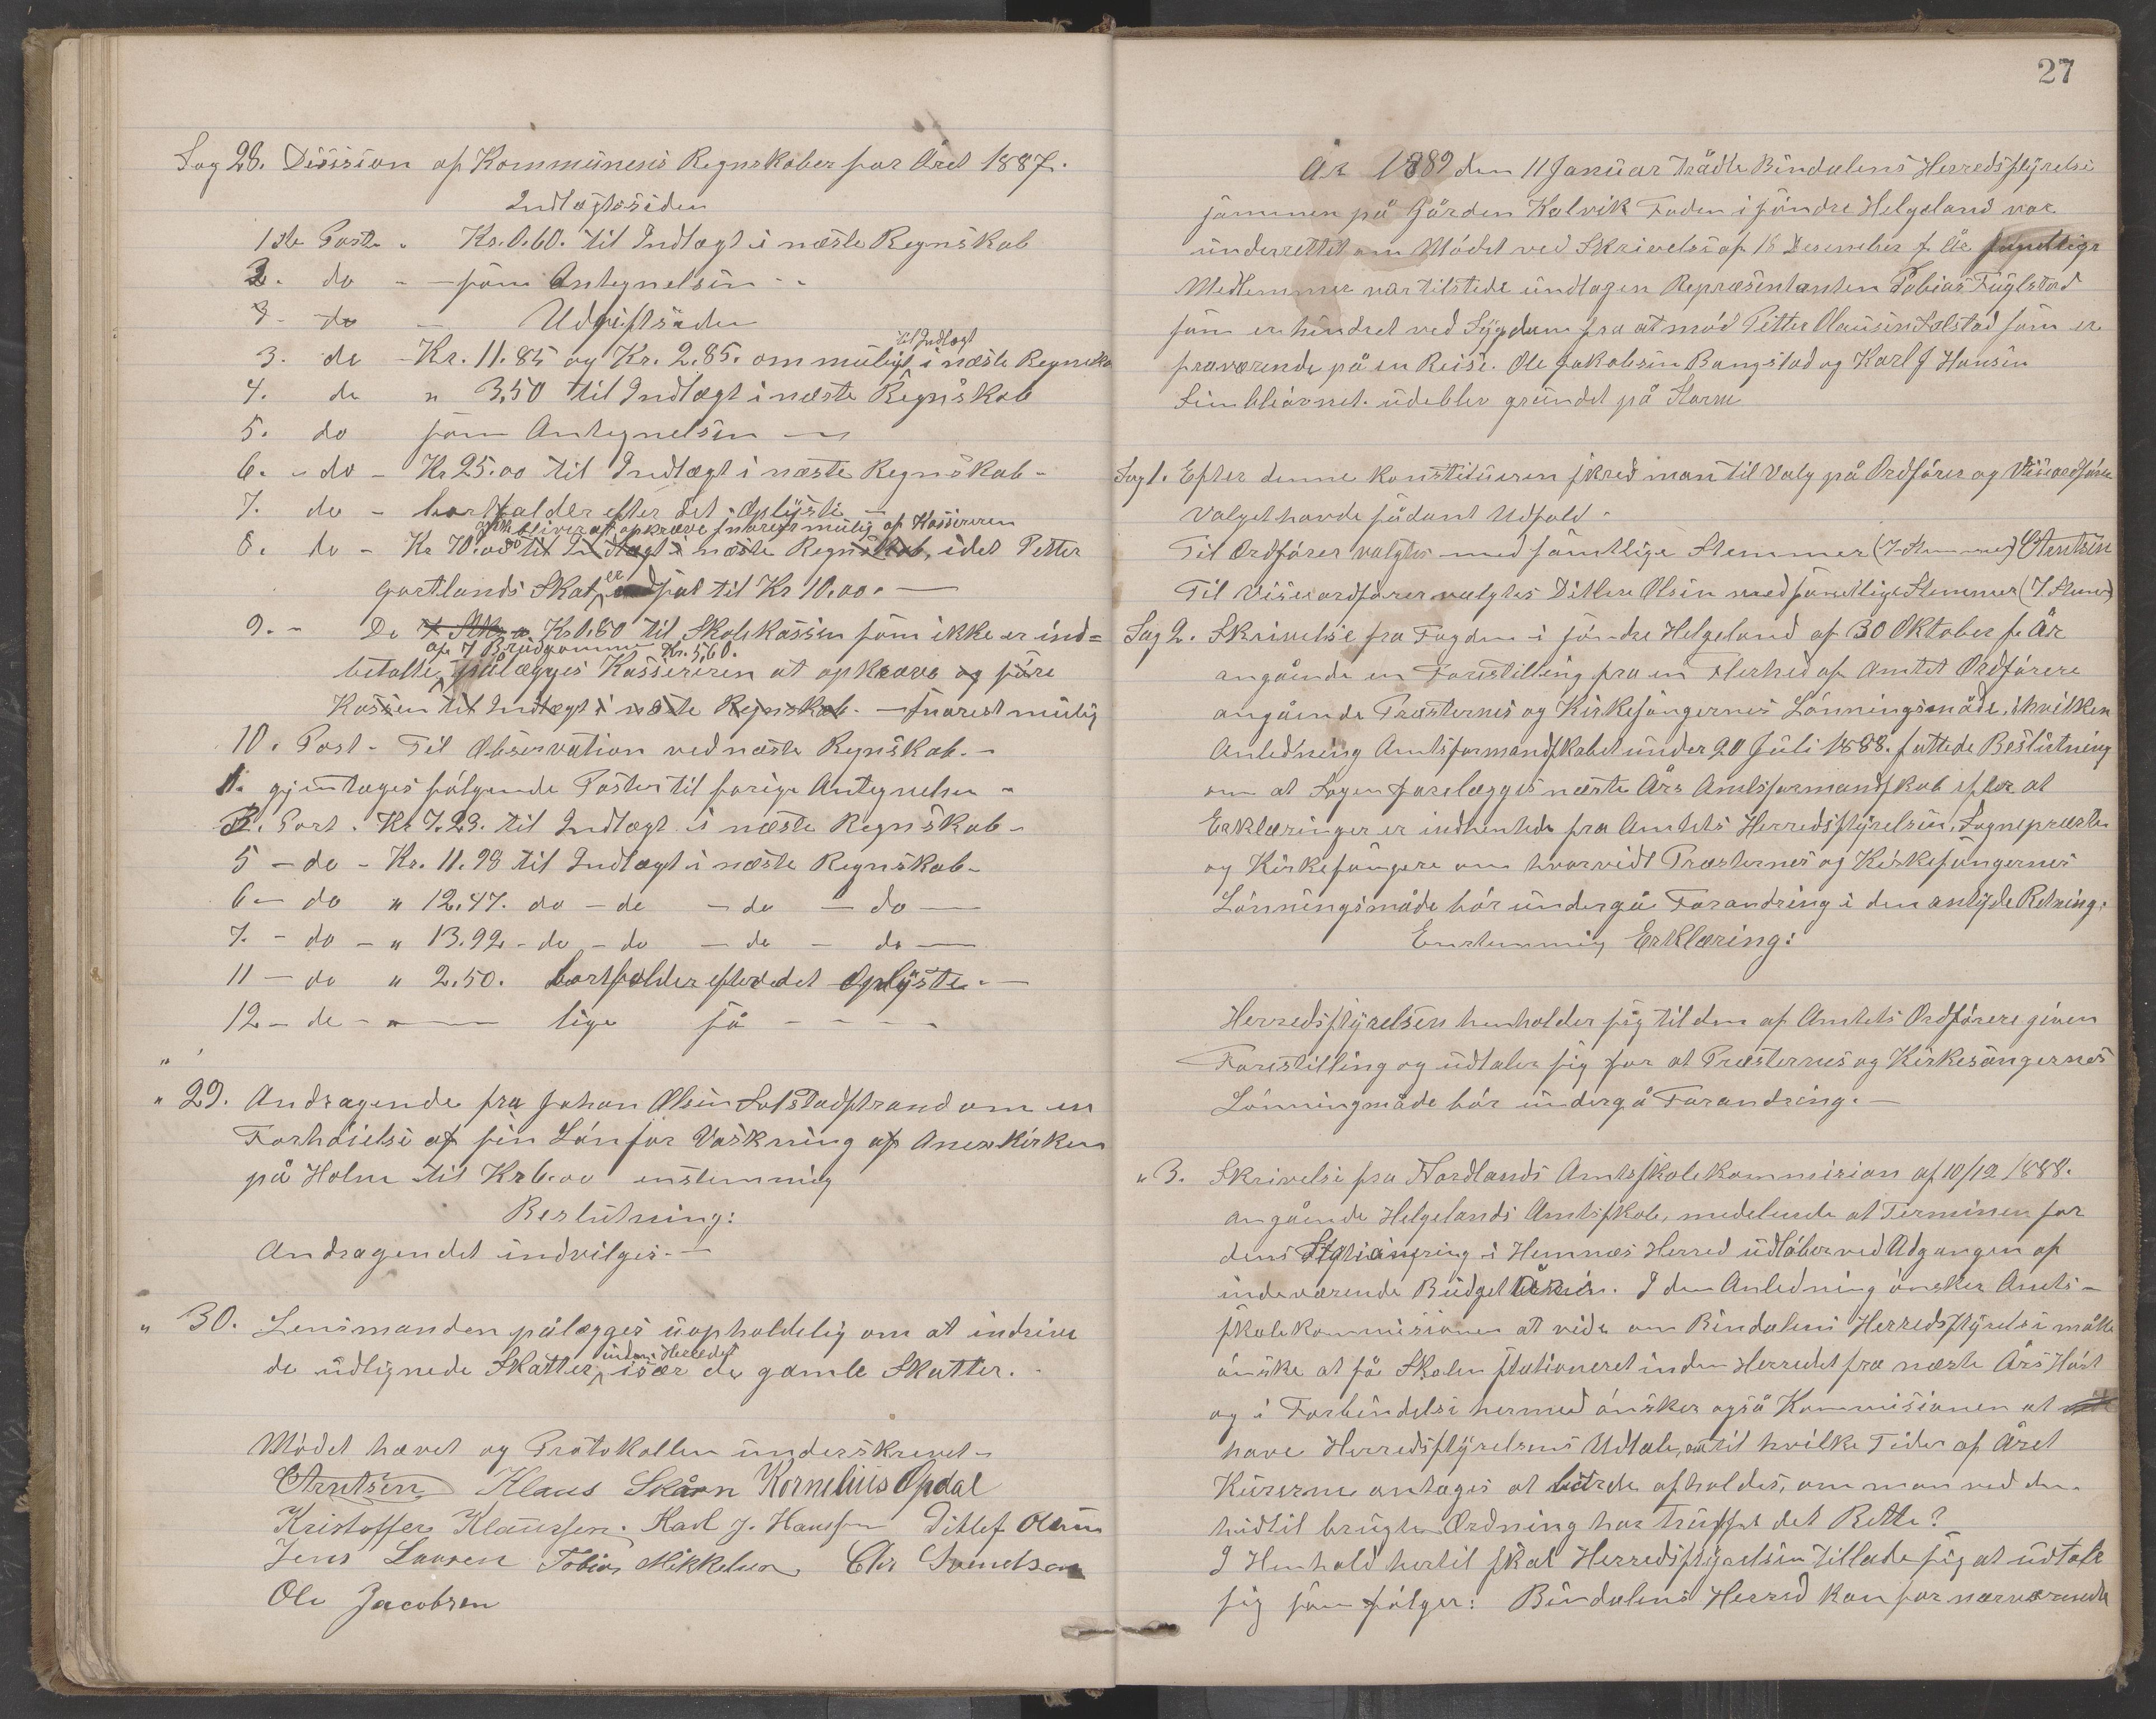 AIN, Bindal kommune. Formannskapet, A/Aa/L0000c: Møtebok, 1885-1897, s. 27